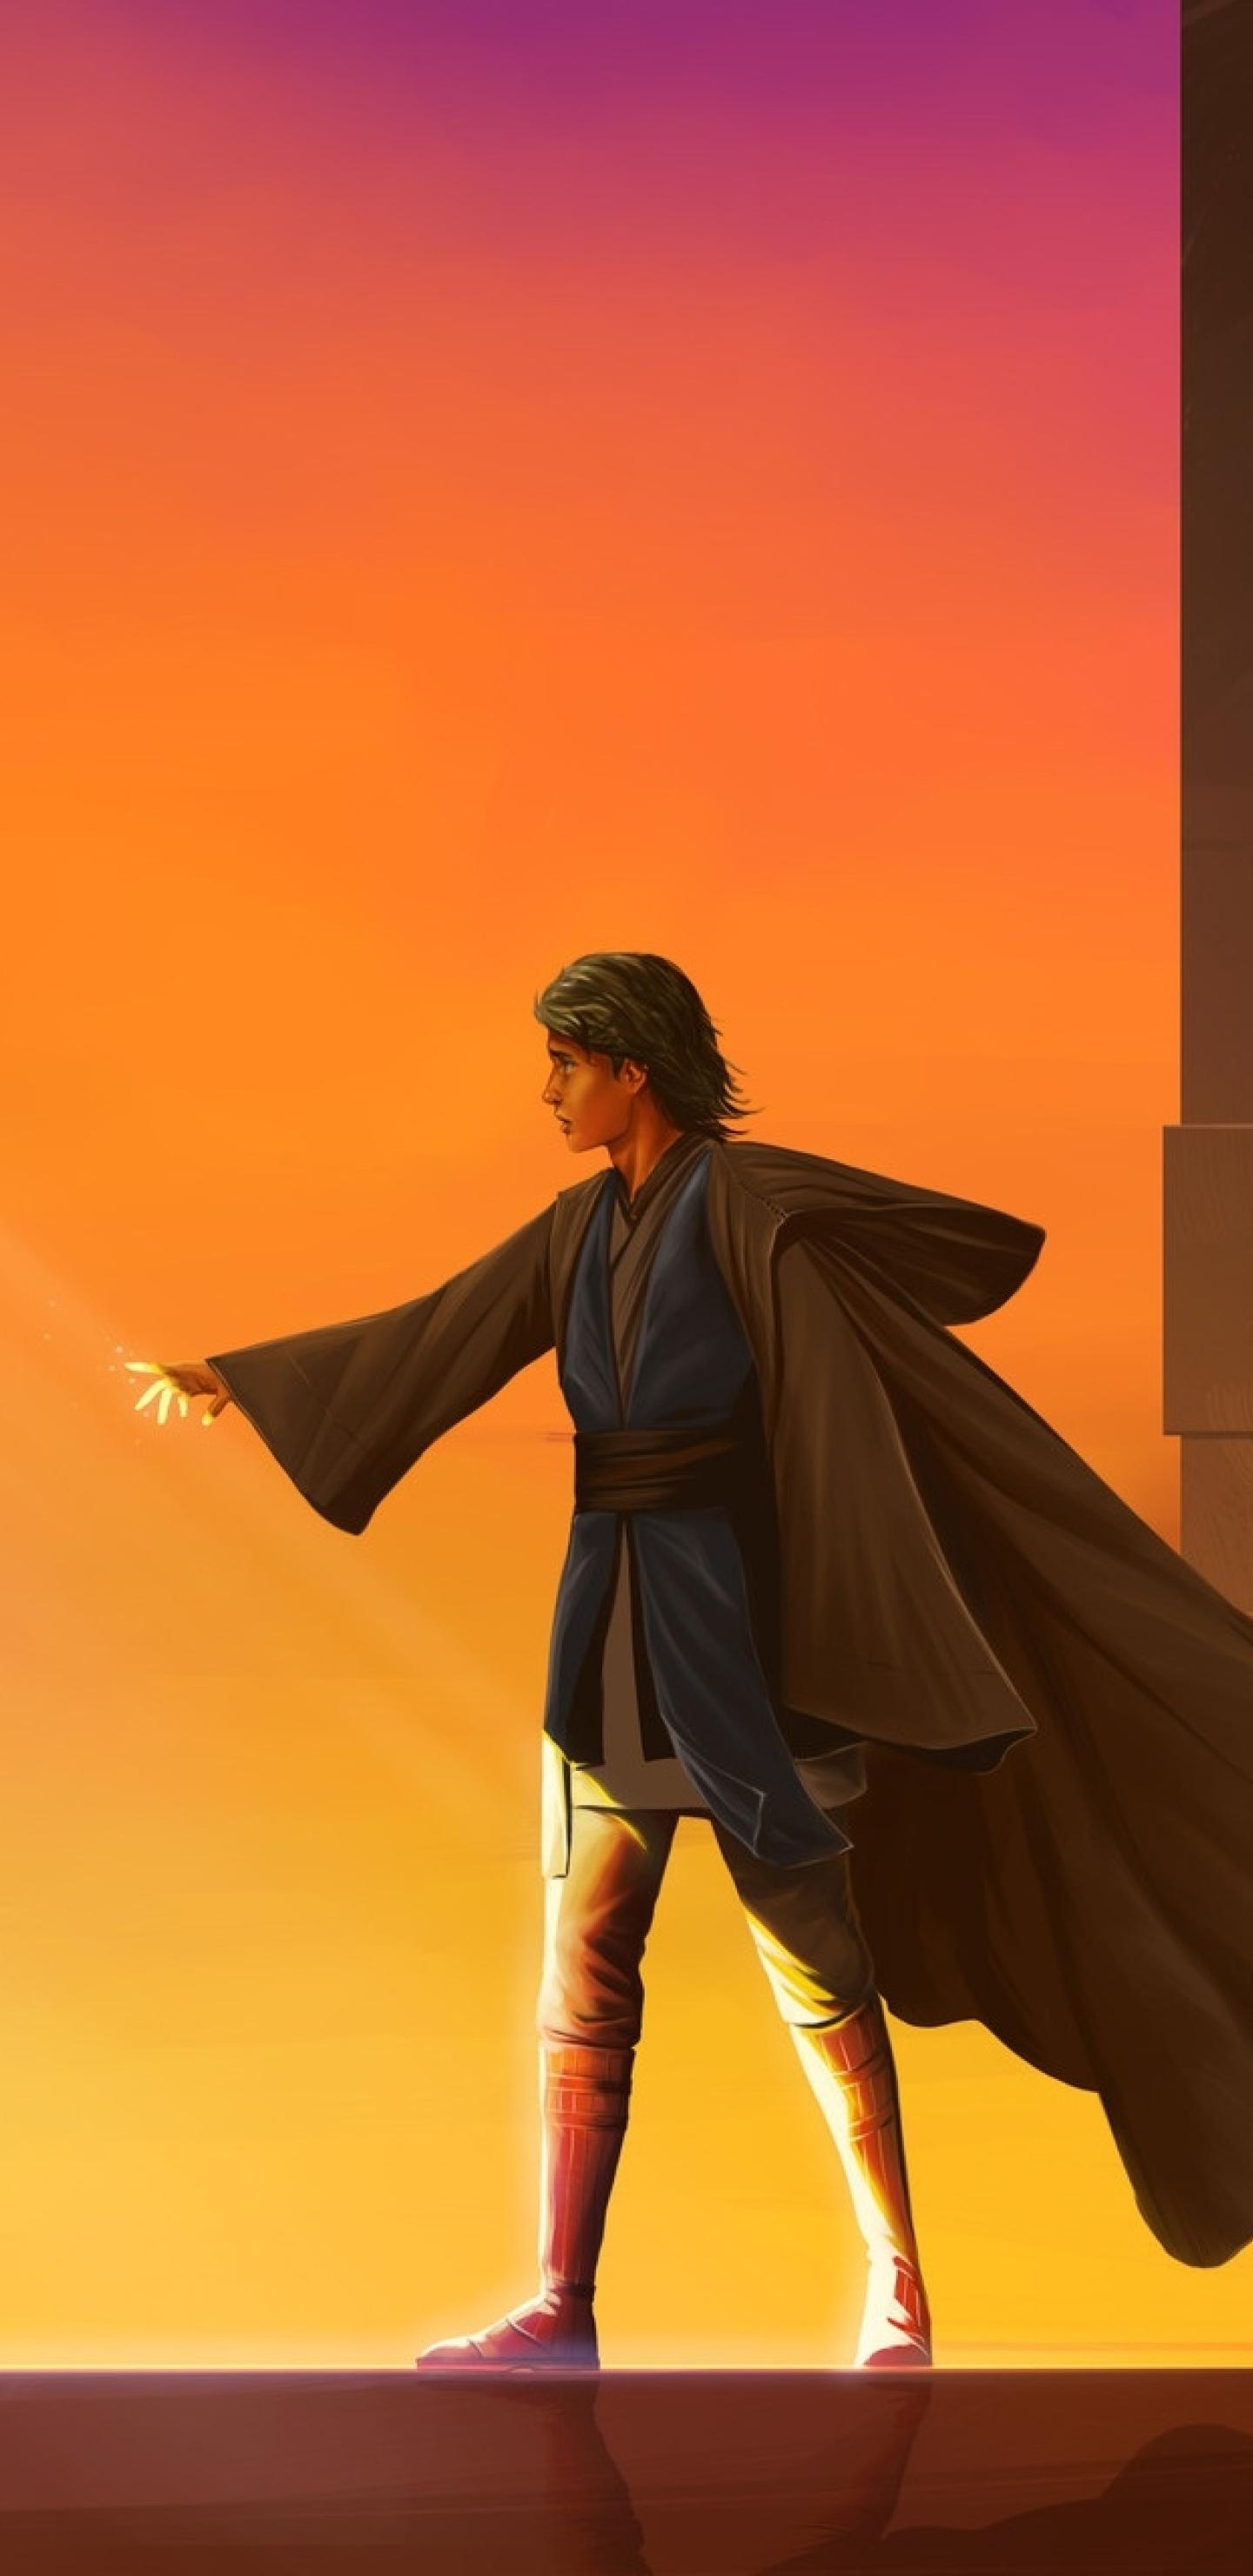 ahsoka tano and anakin skywalker art a21oZmWUmZqaraWkpJRmaWllrWdua2U